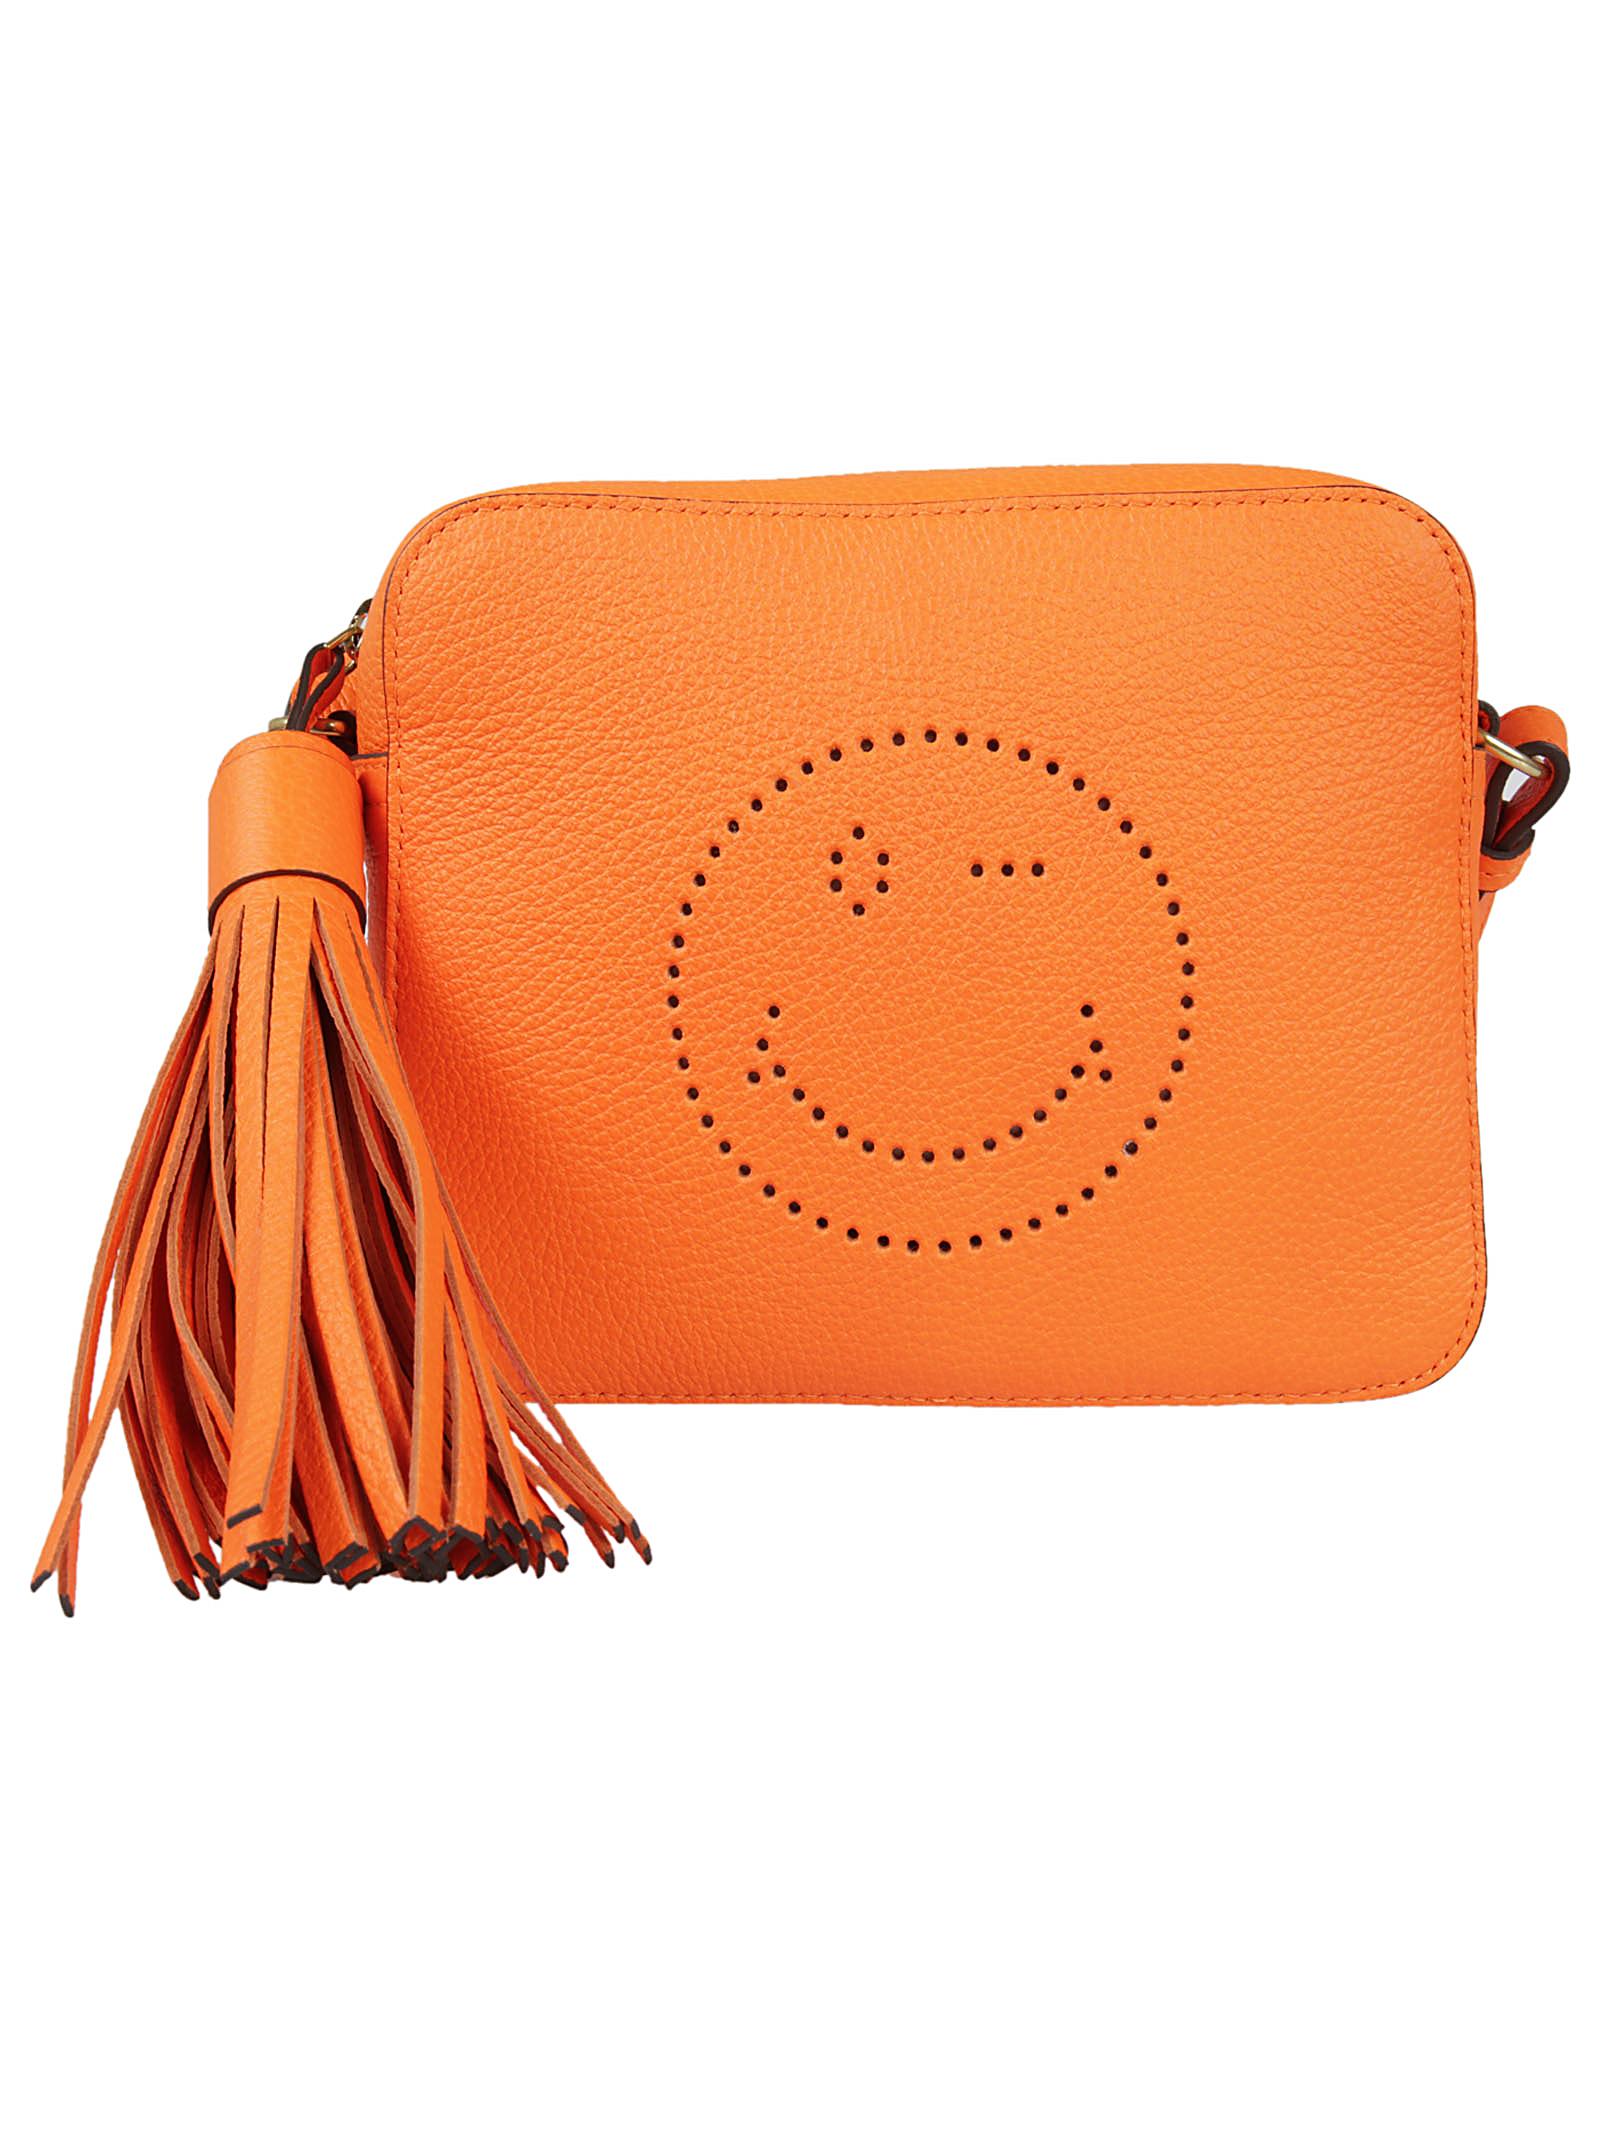 Anya Hindmach Anya Hindmarch Smiley Shoulder Bag